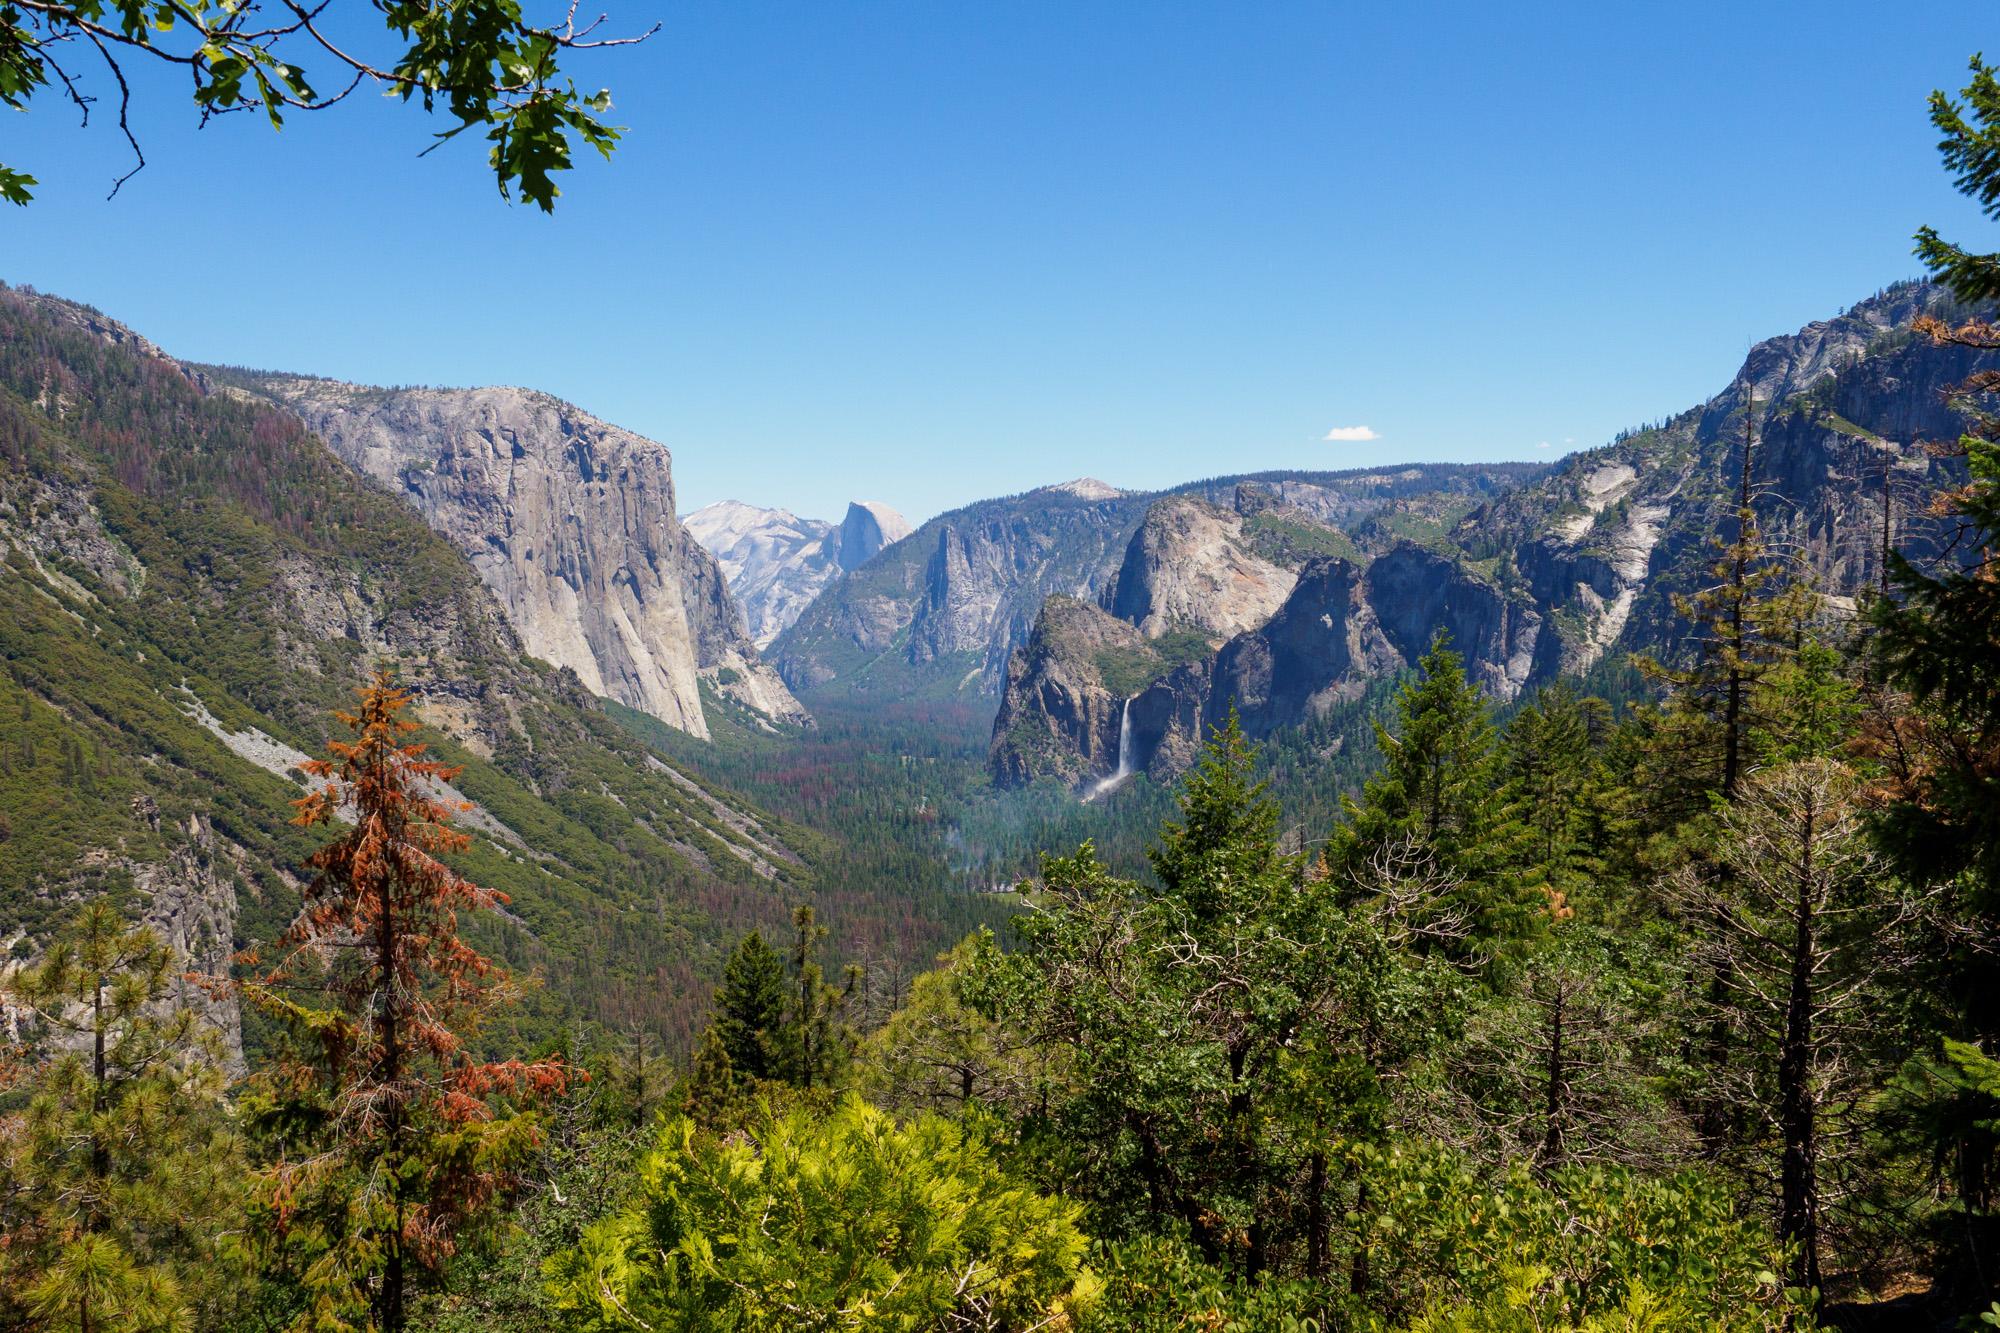 Yosemite Nationalpark - Aussicht vom Inspiration Point auf das Yosemite Valley